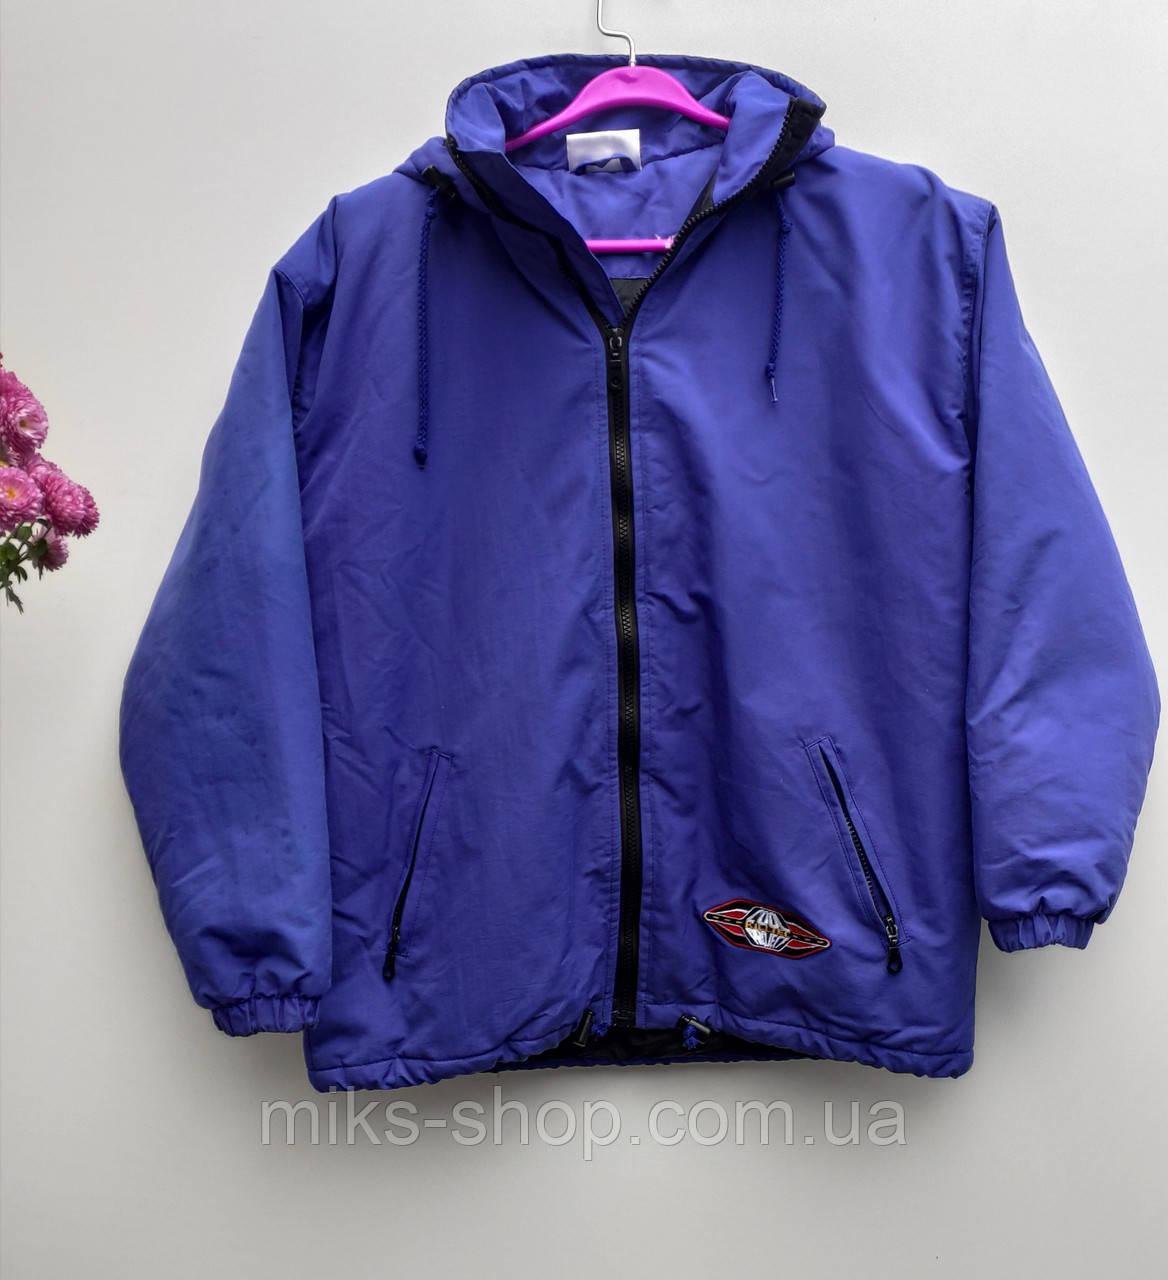 Спортивна куртка весна - осінь Розмір 164 ( 104-х)